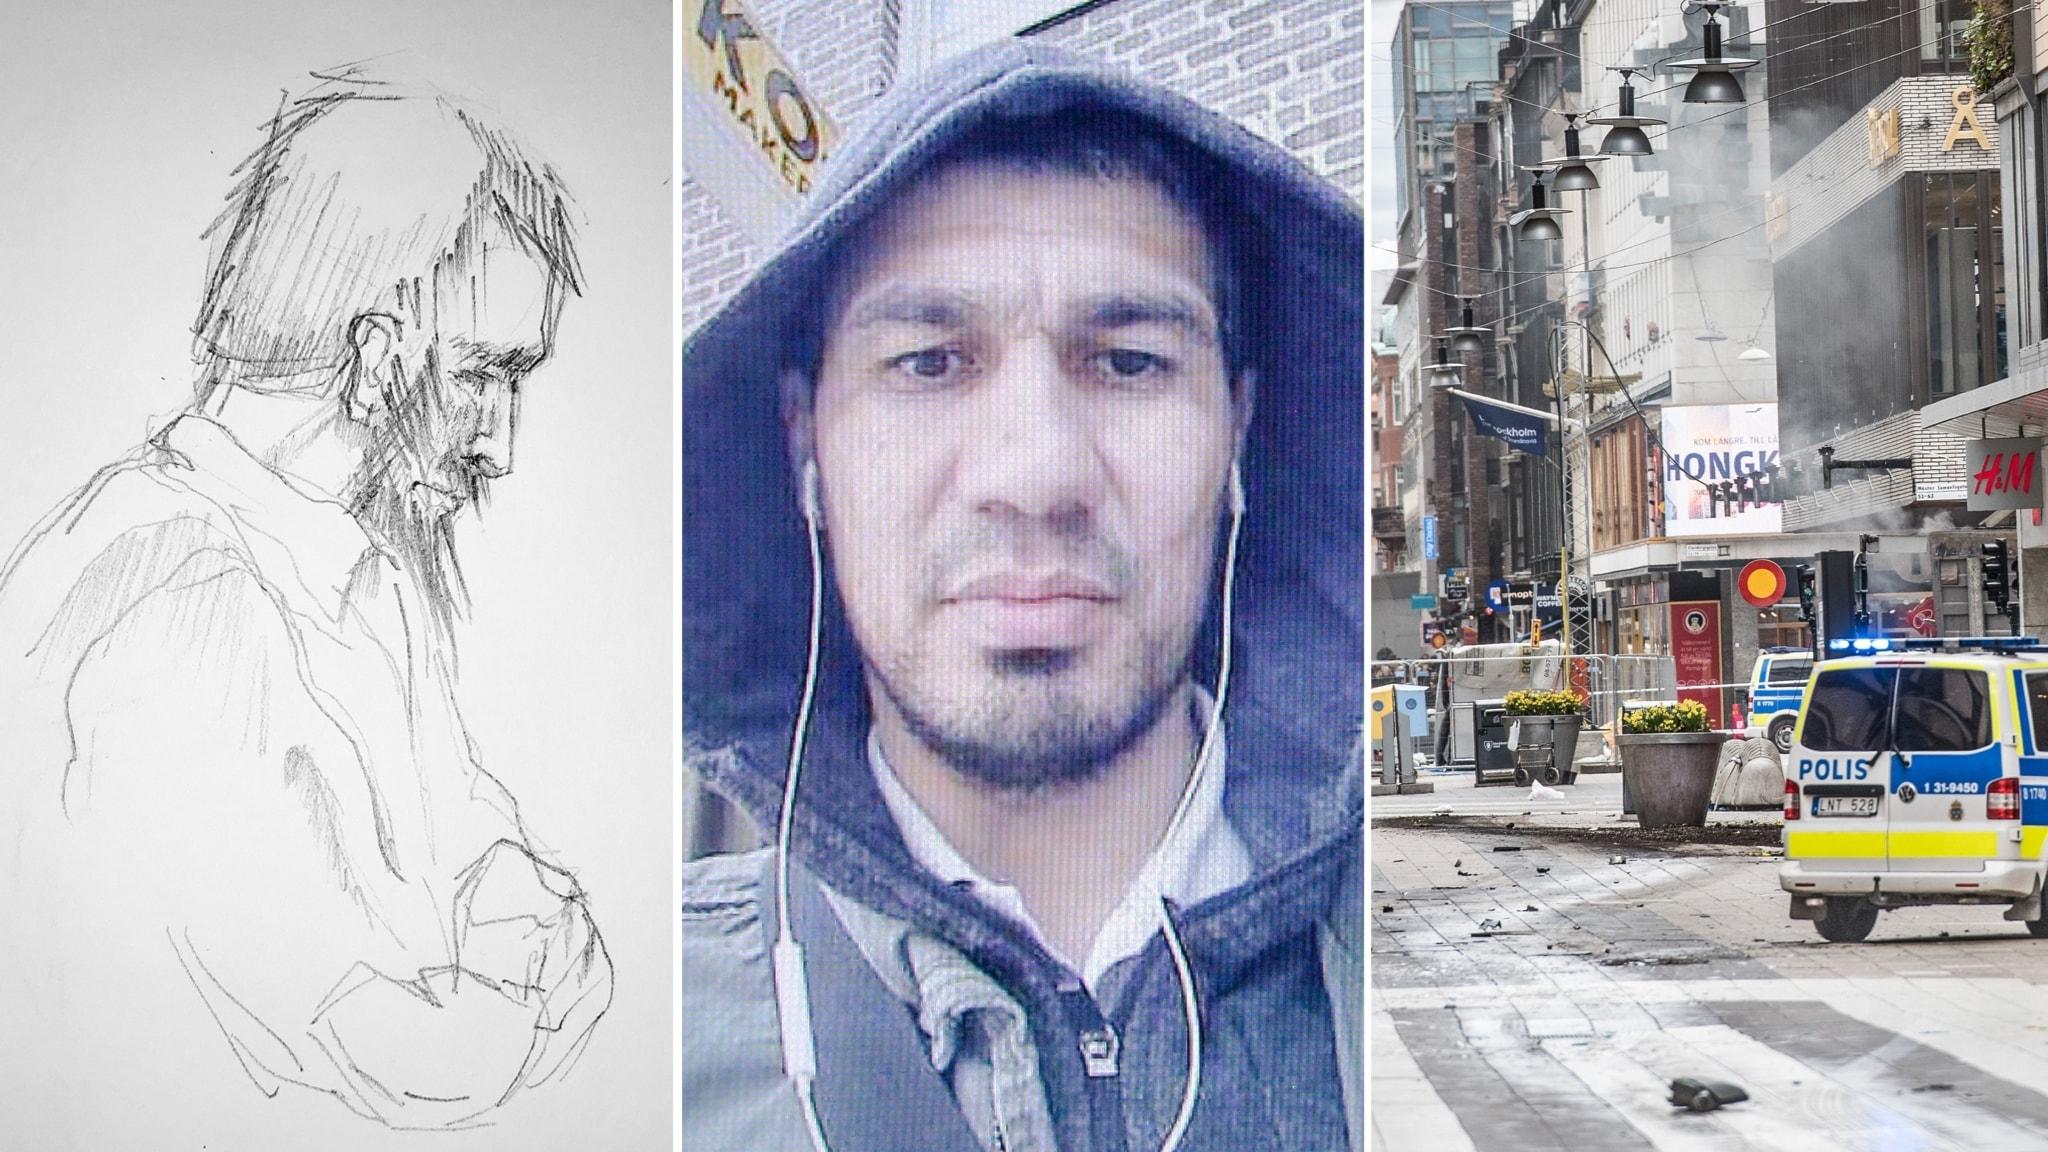 Domen mot Rakhmat Akilov - P3 Nyheter extrasänder